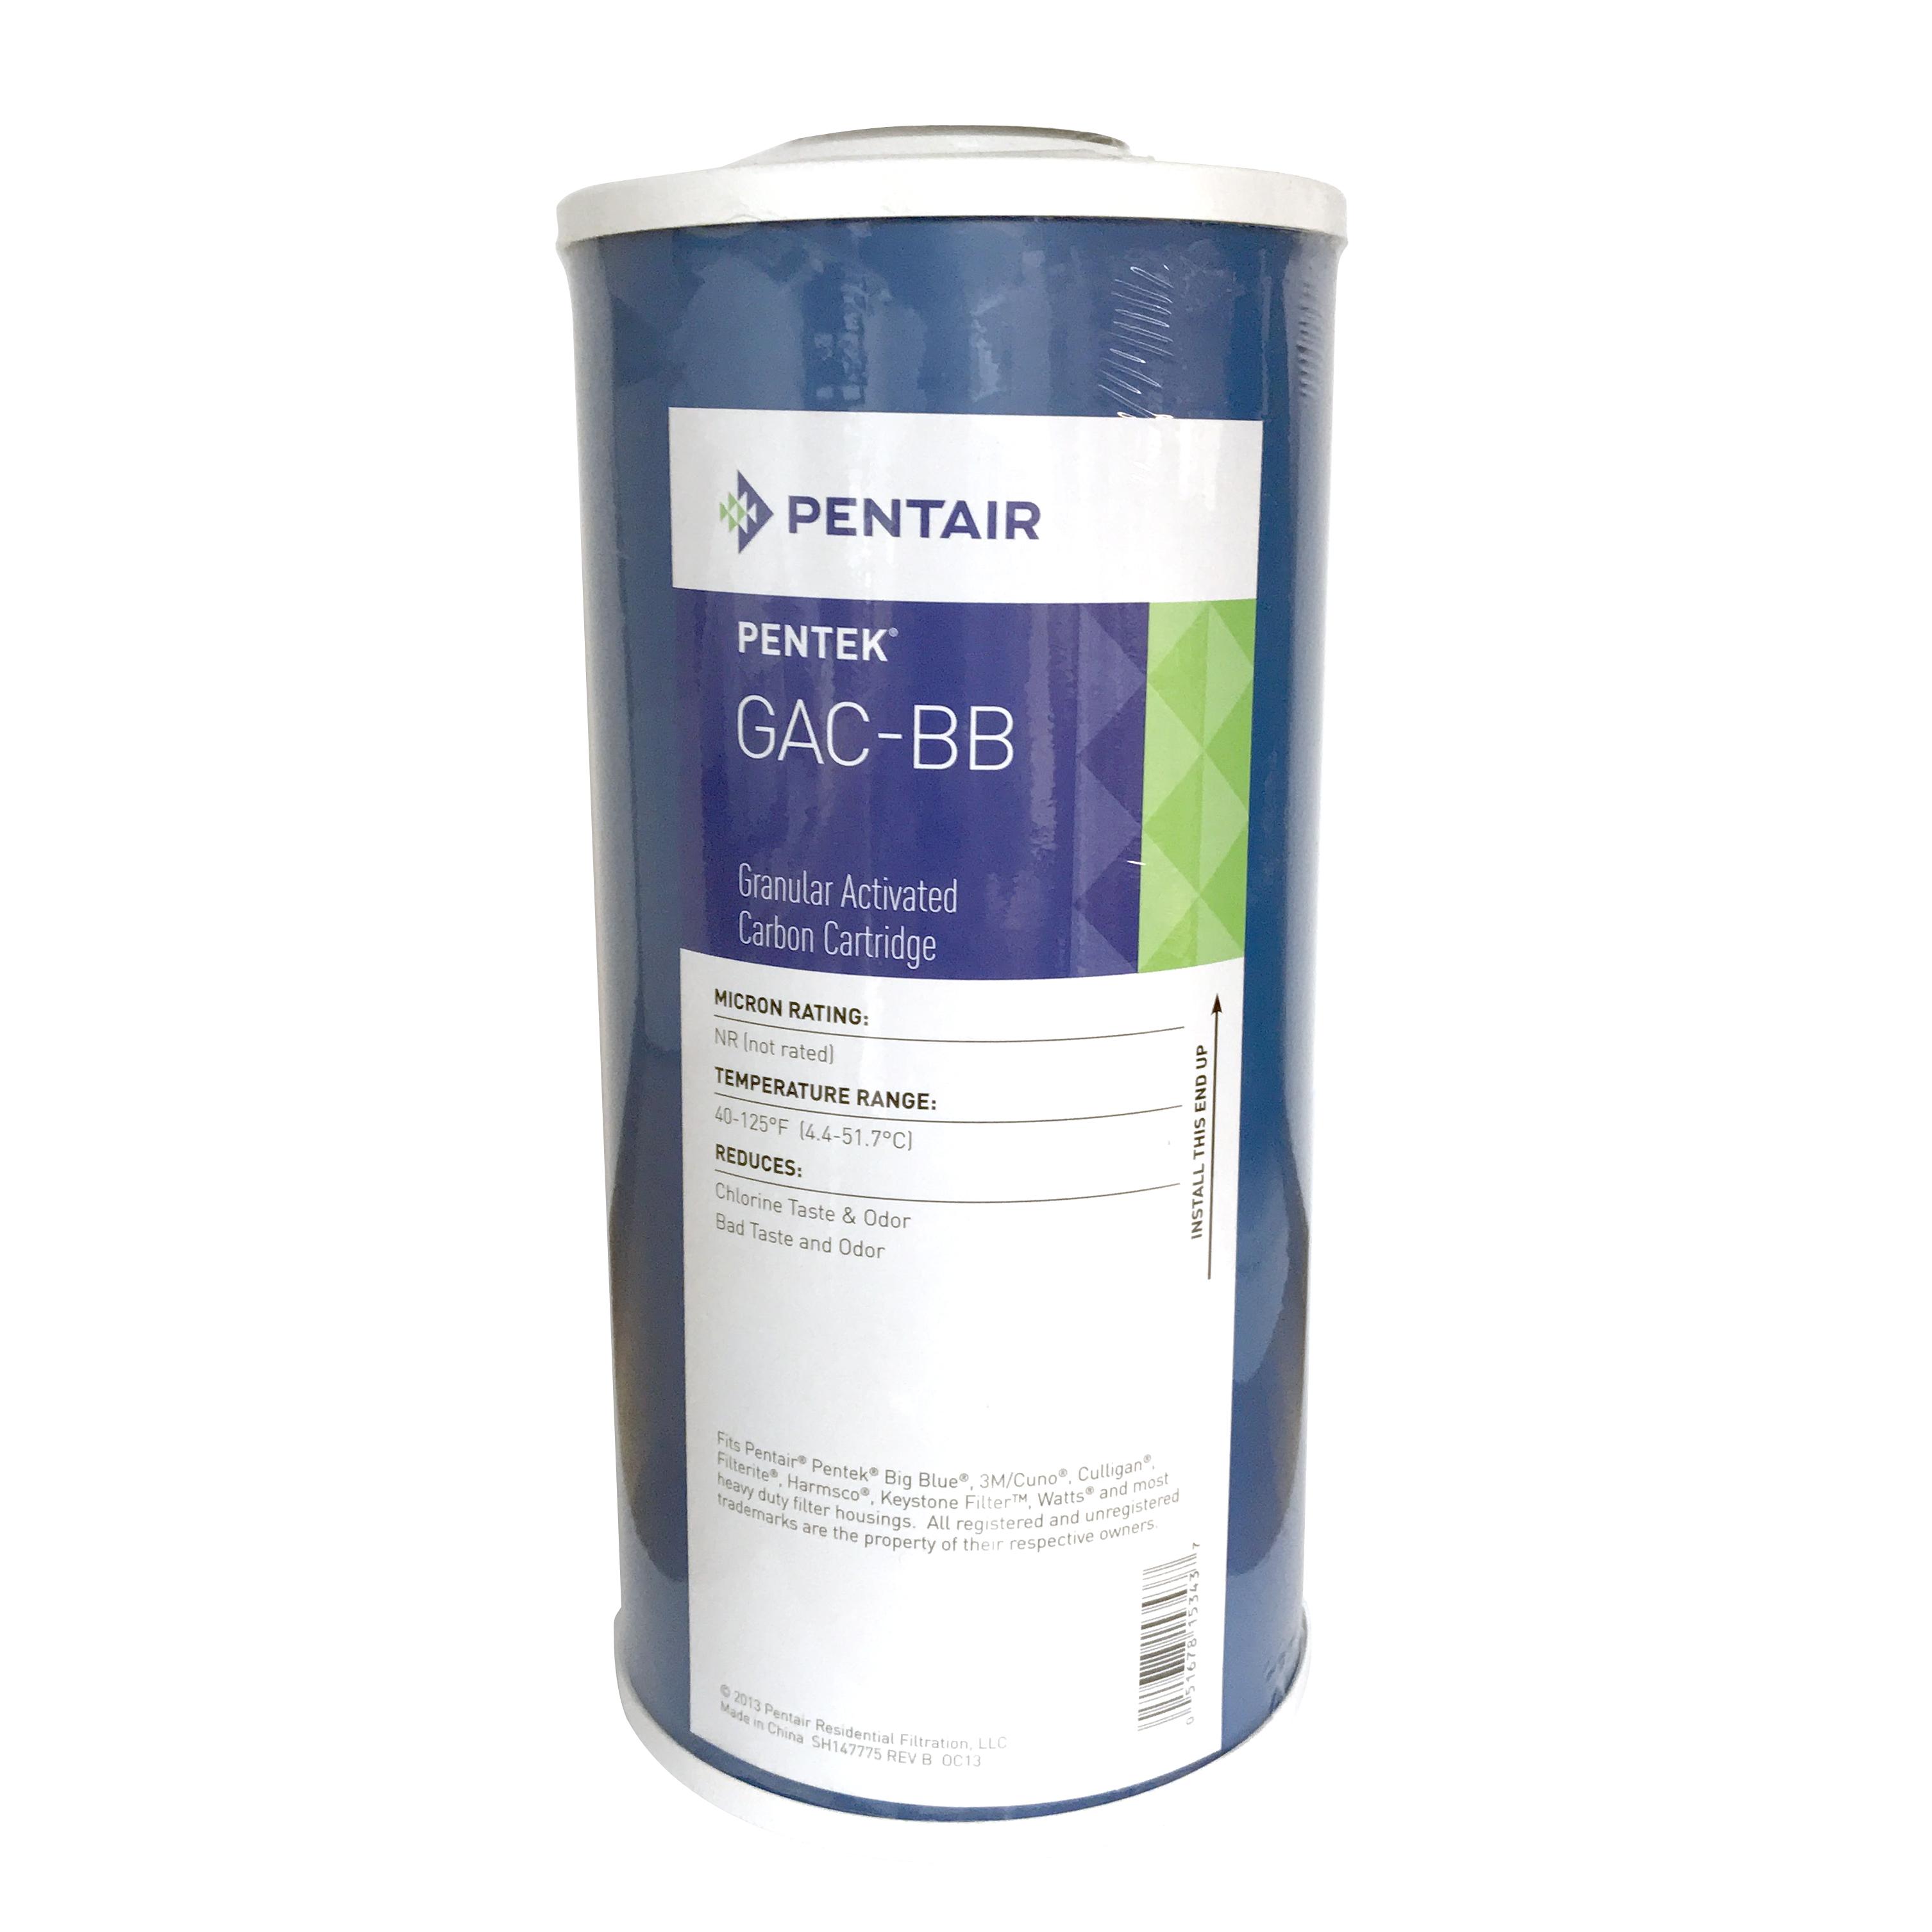 Pentek Gac 10bb Granular Activated Carbon Cartridge